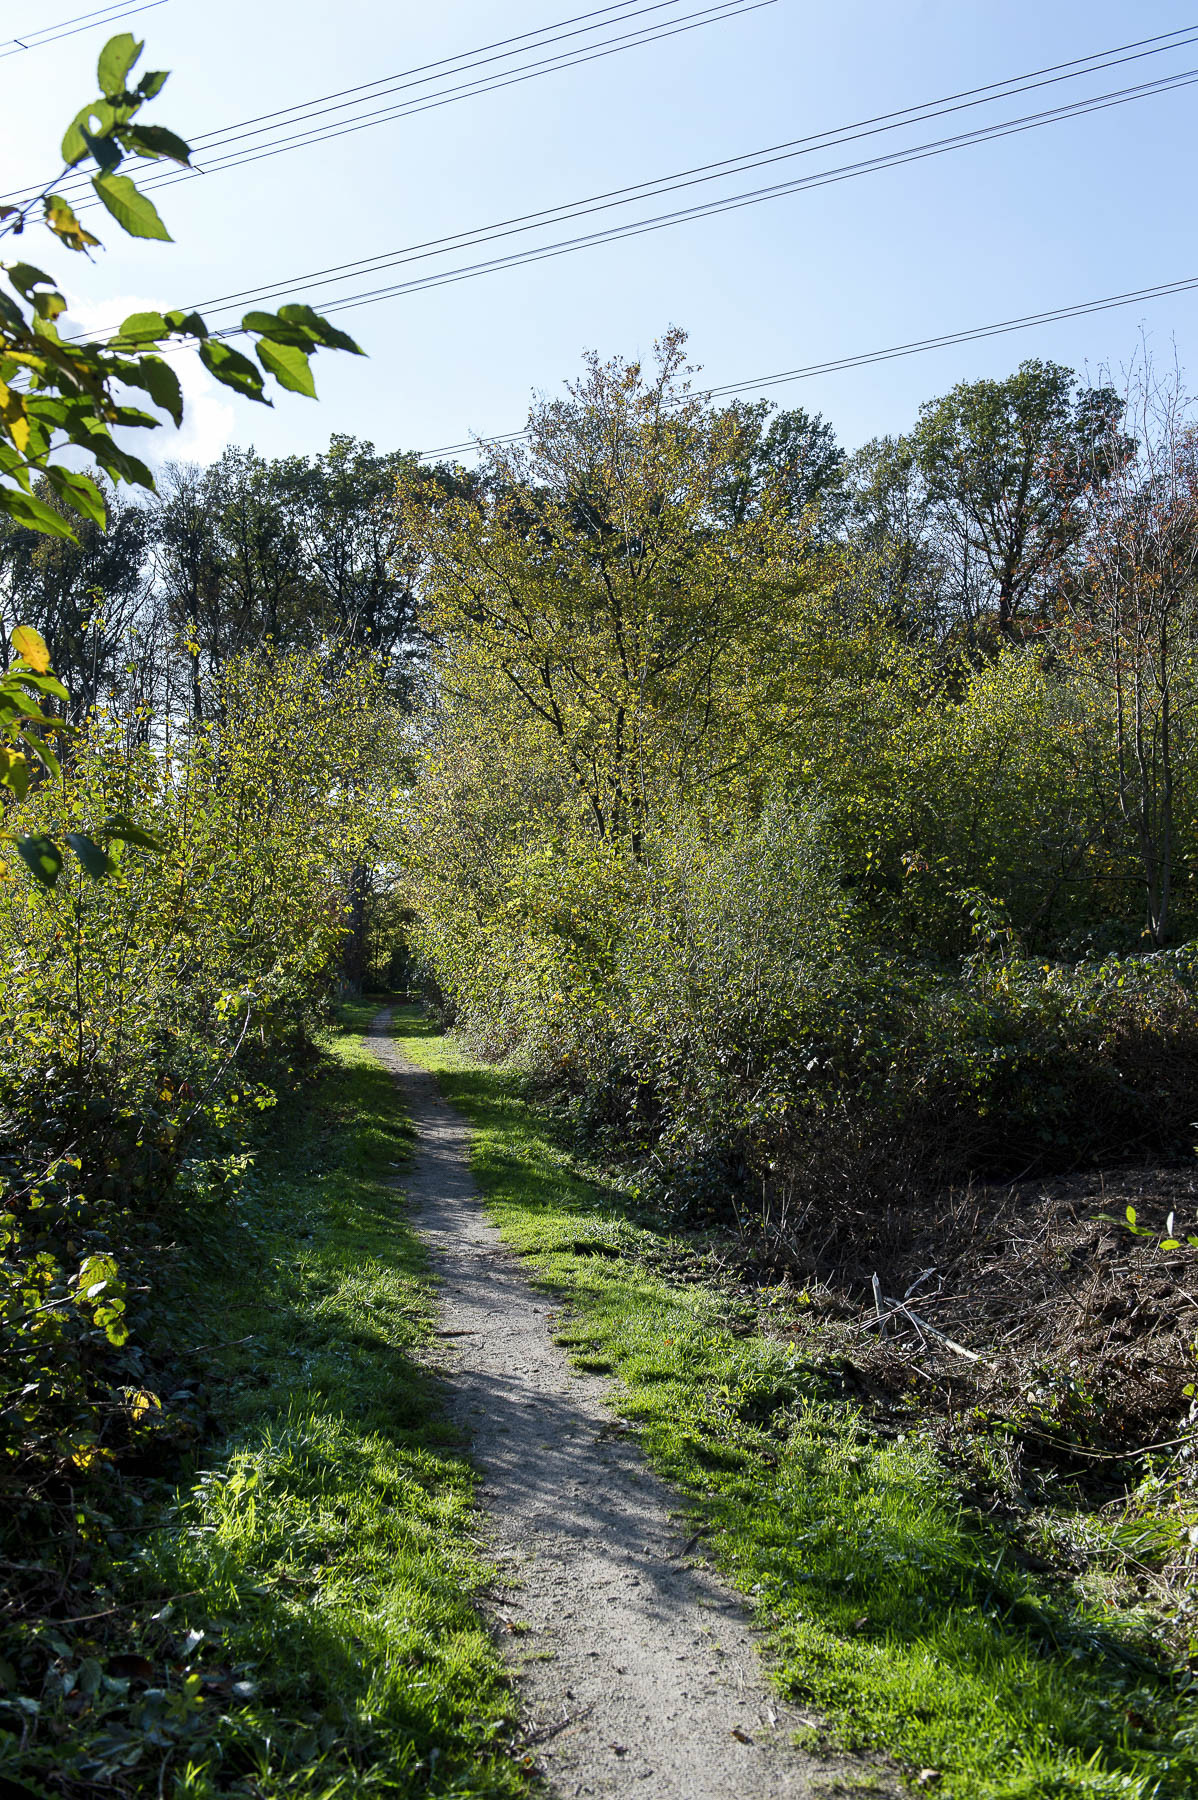 Landschaftsfoto des Lyrikweges bei der alten Eibe nahe des Rüschhauses.